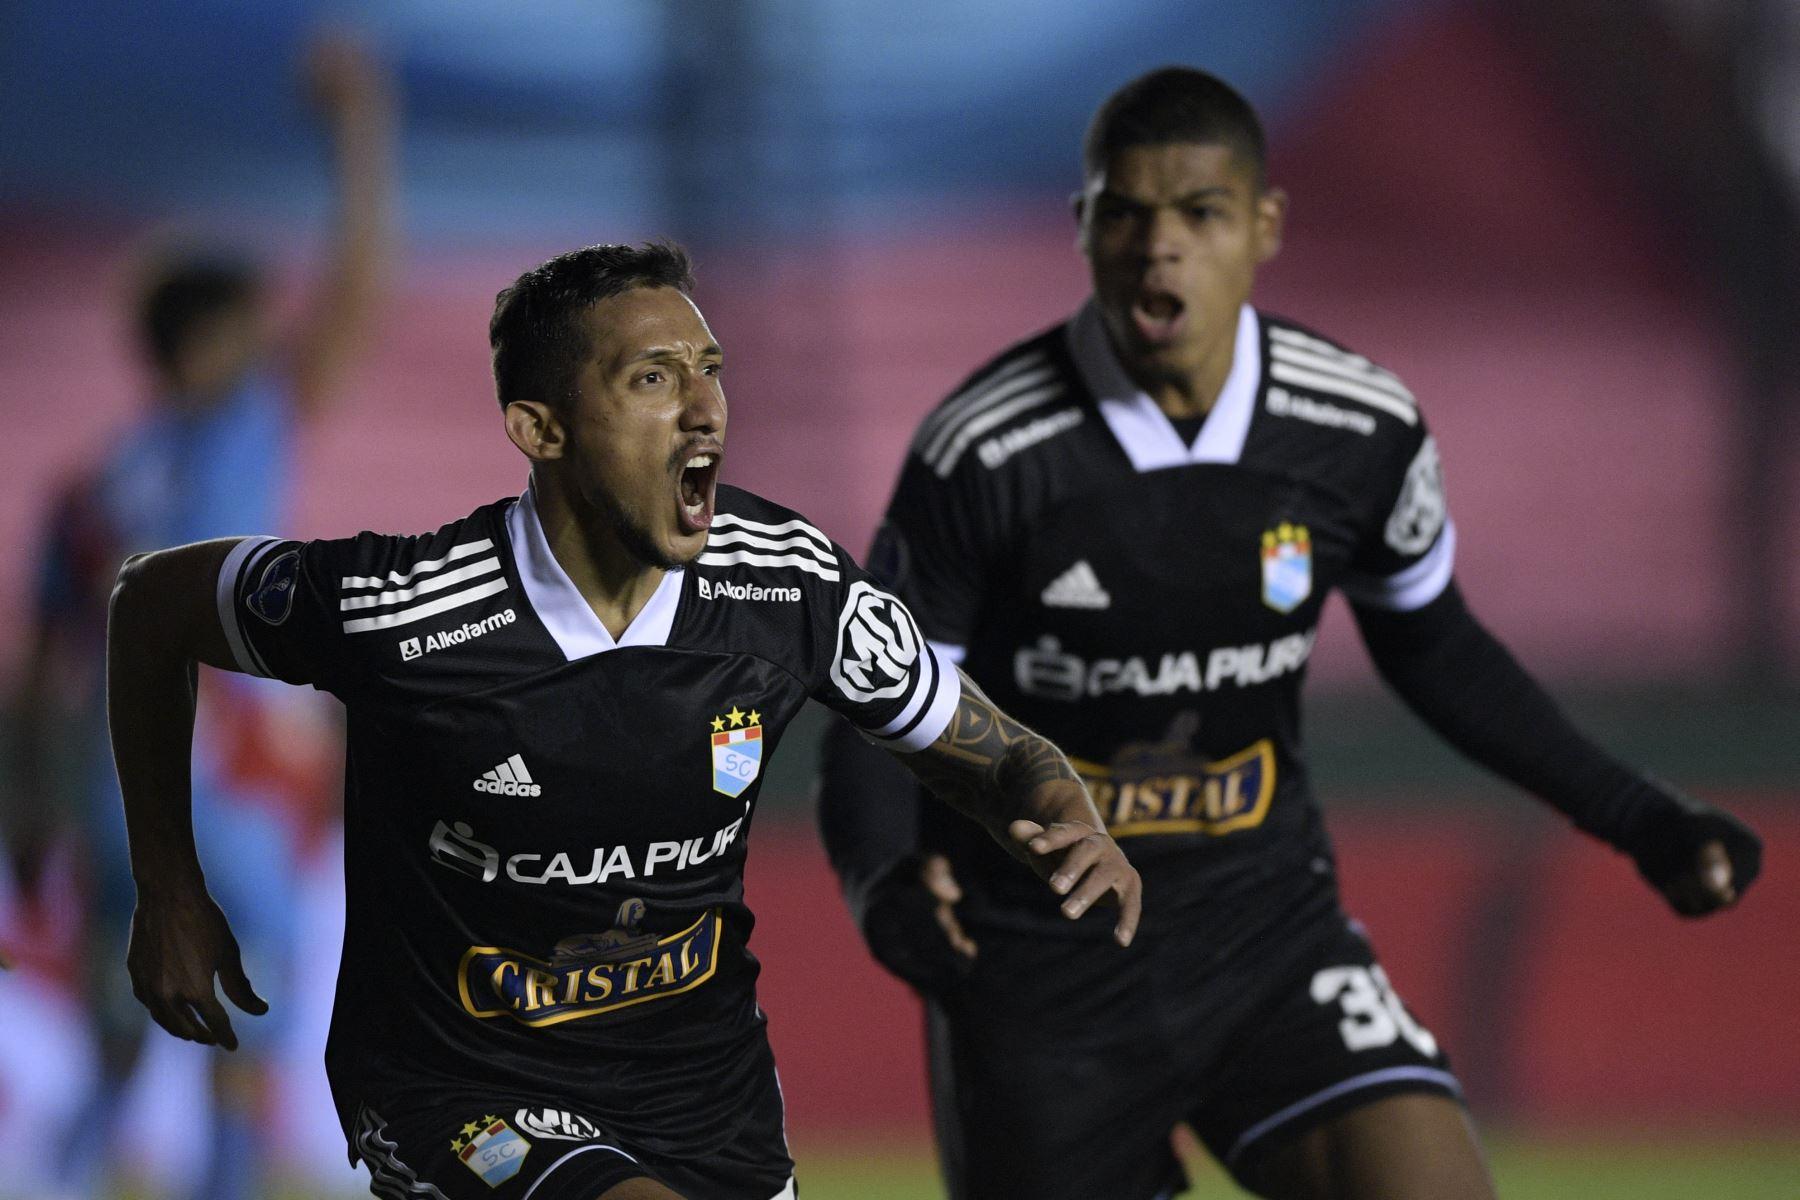 En los cuartos de final, Sporting Cristal se enfrentará con el ganador del clásico uruguayo entre Nacional y Peñarol. Foto: AFP.